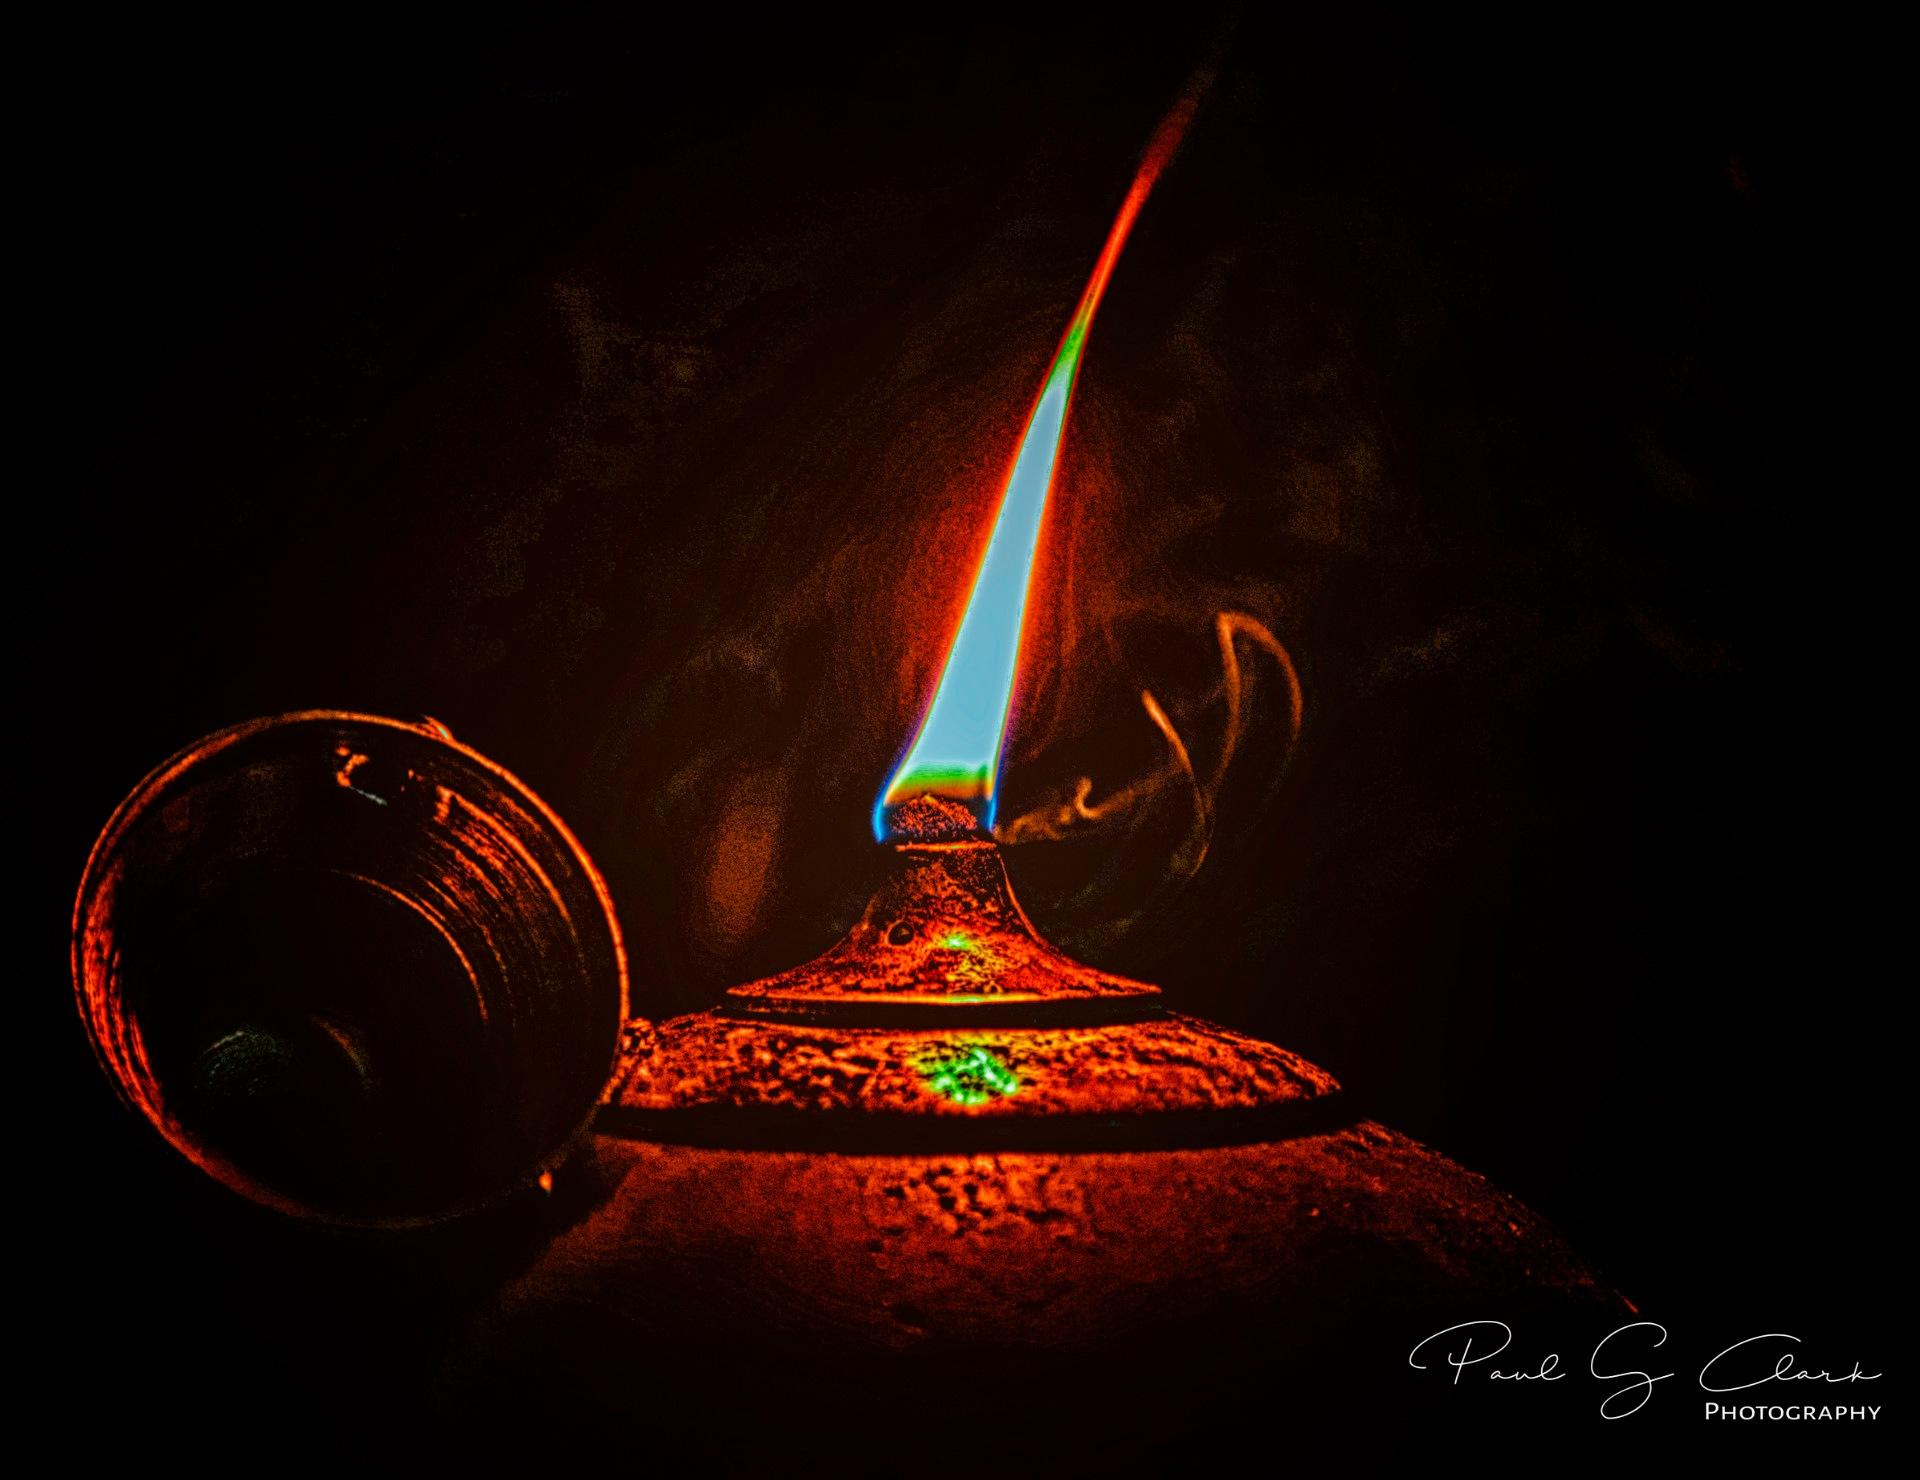 Magic Lamp by Paul G Clark